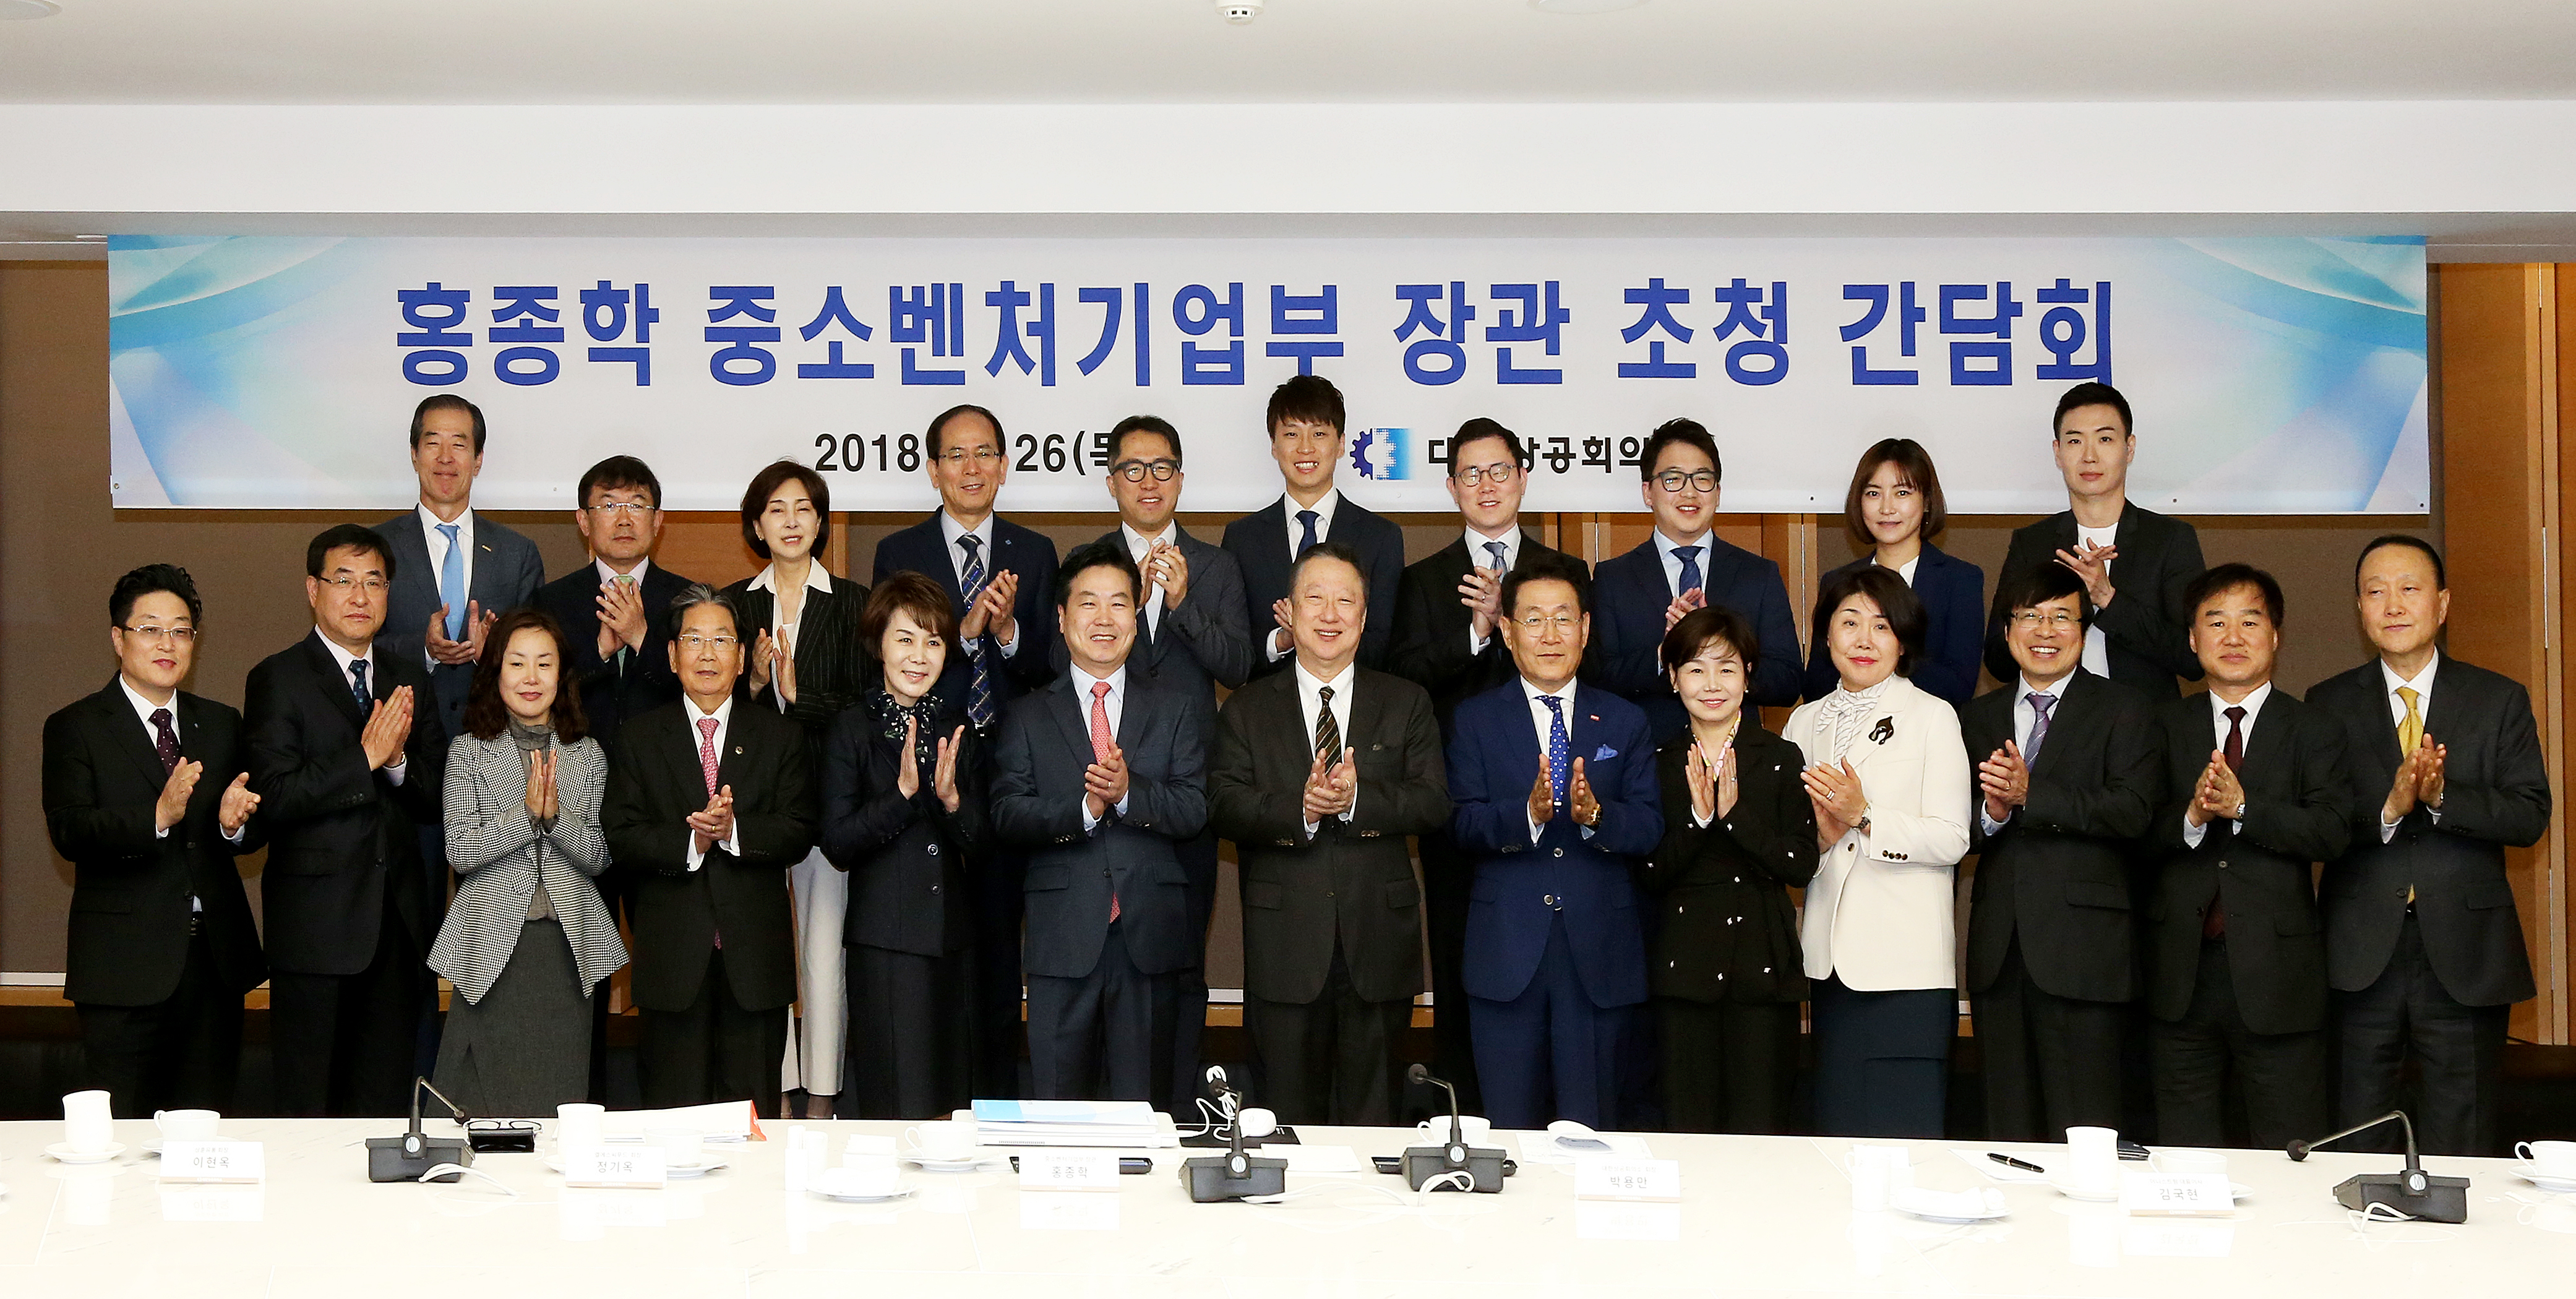 홍종학 중기부 장관, 대한상의 회장단 첫 상견례